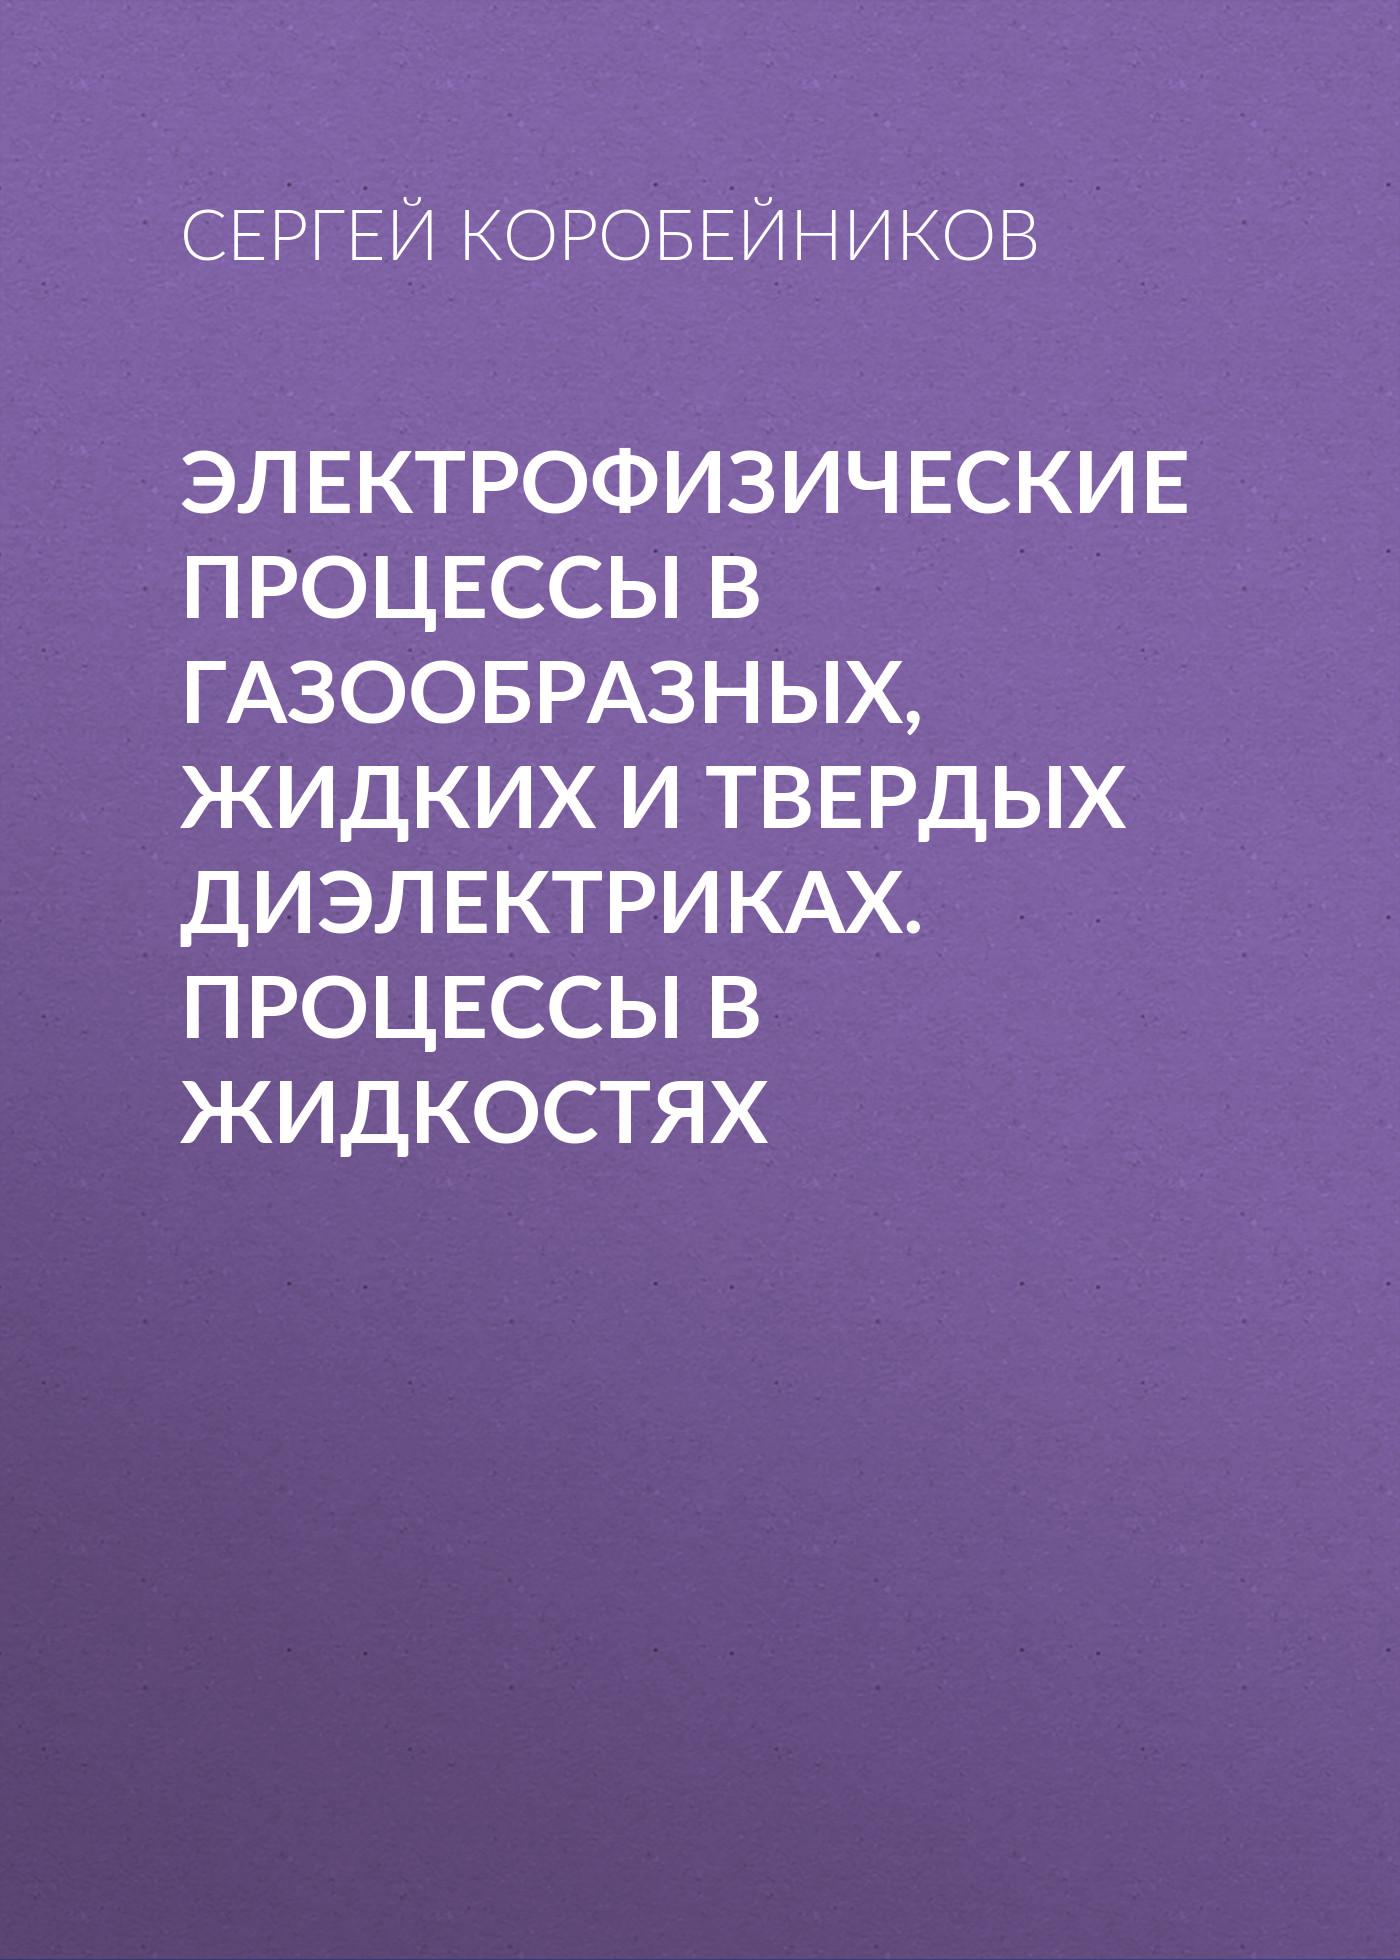 Сергей Коробейников Электрофизические процессы в газообразных, жидких и твердых диэлектриках. Процессы в жидкостях